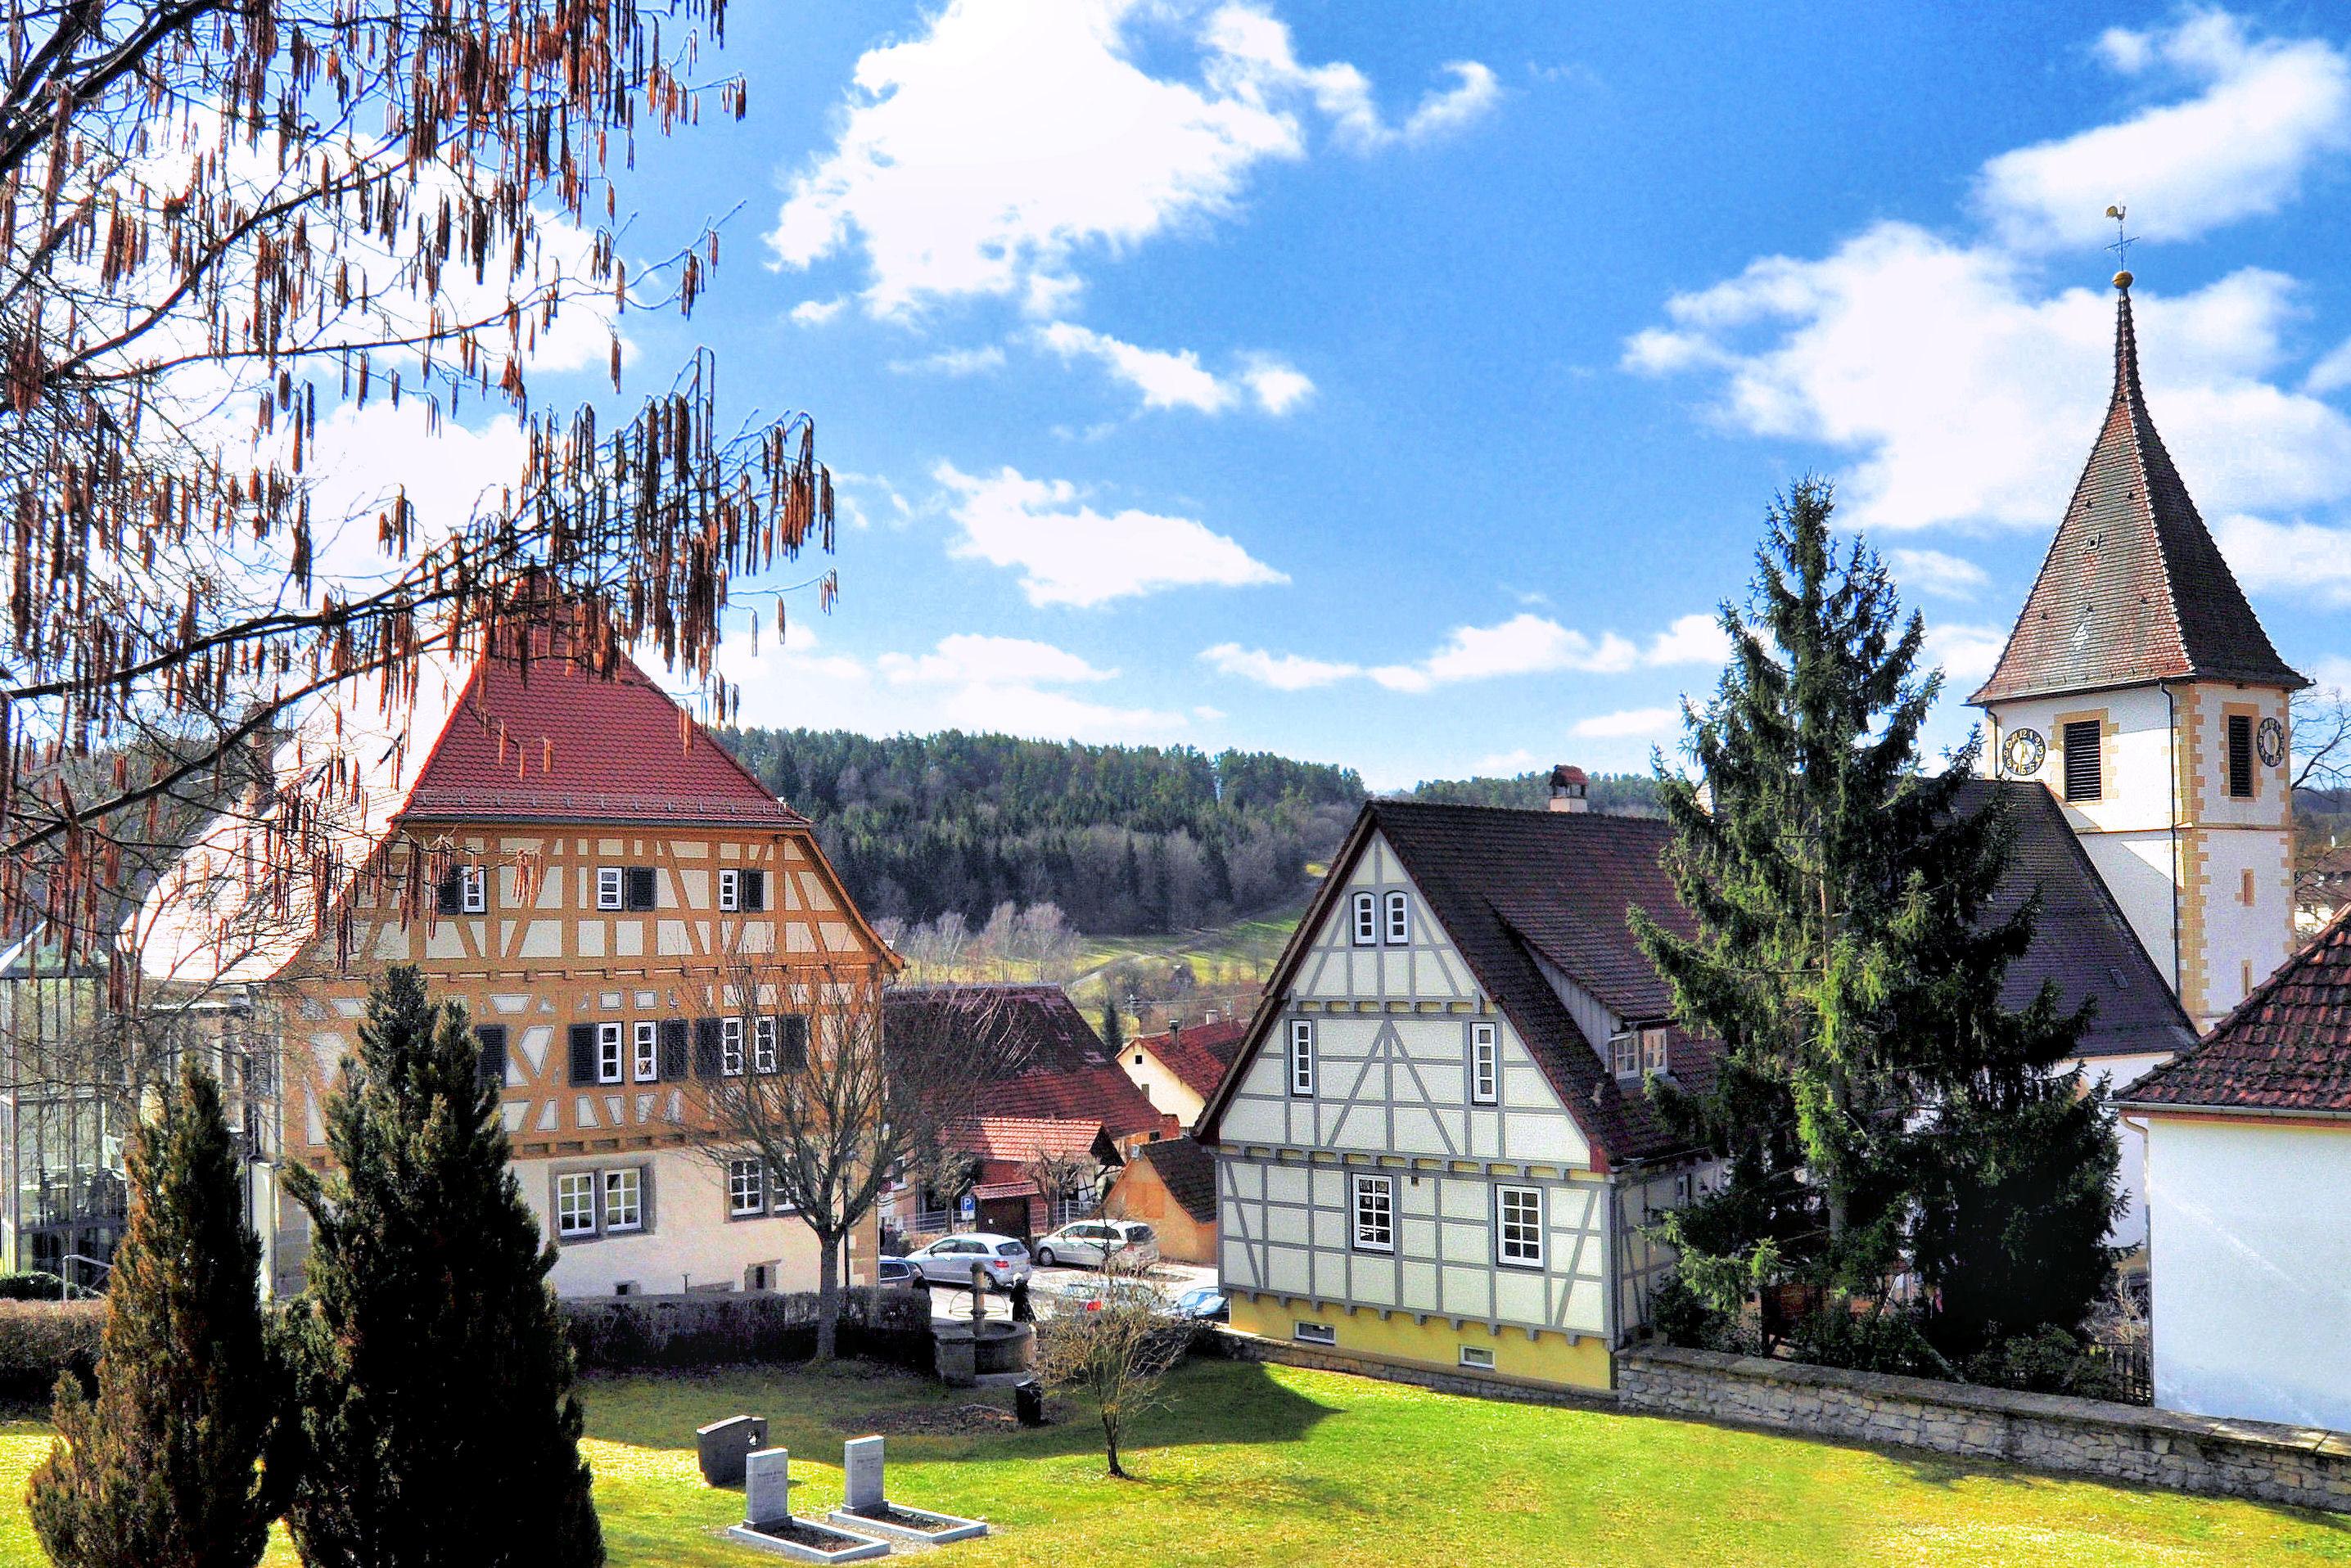 Schwarzwaldverein Gechingen e.V. - BISHERIGE AUSSTELLUNGEN